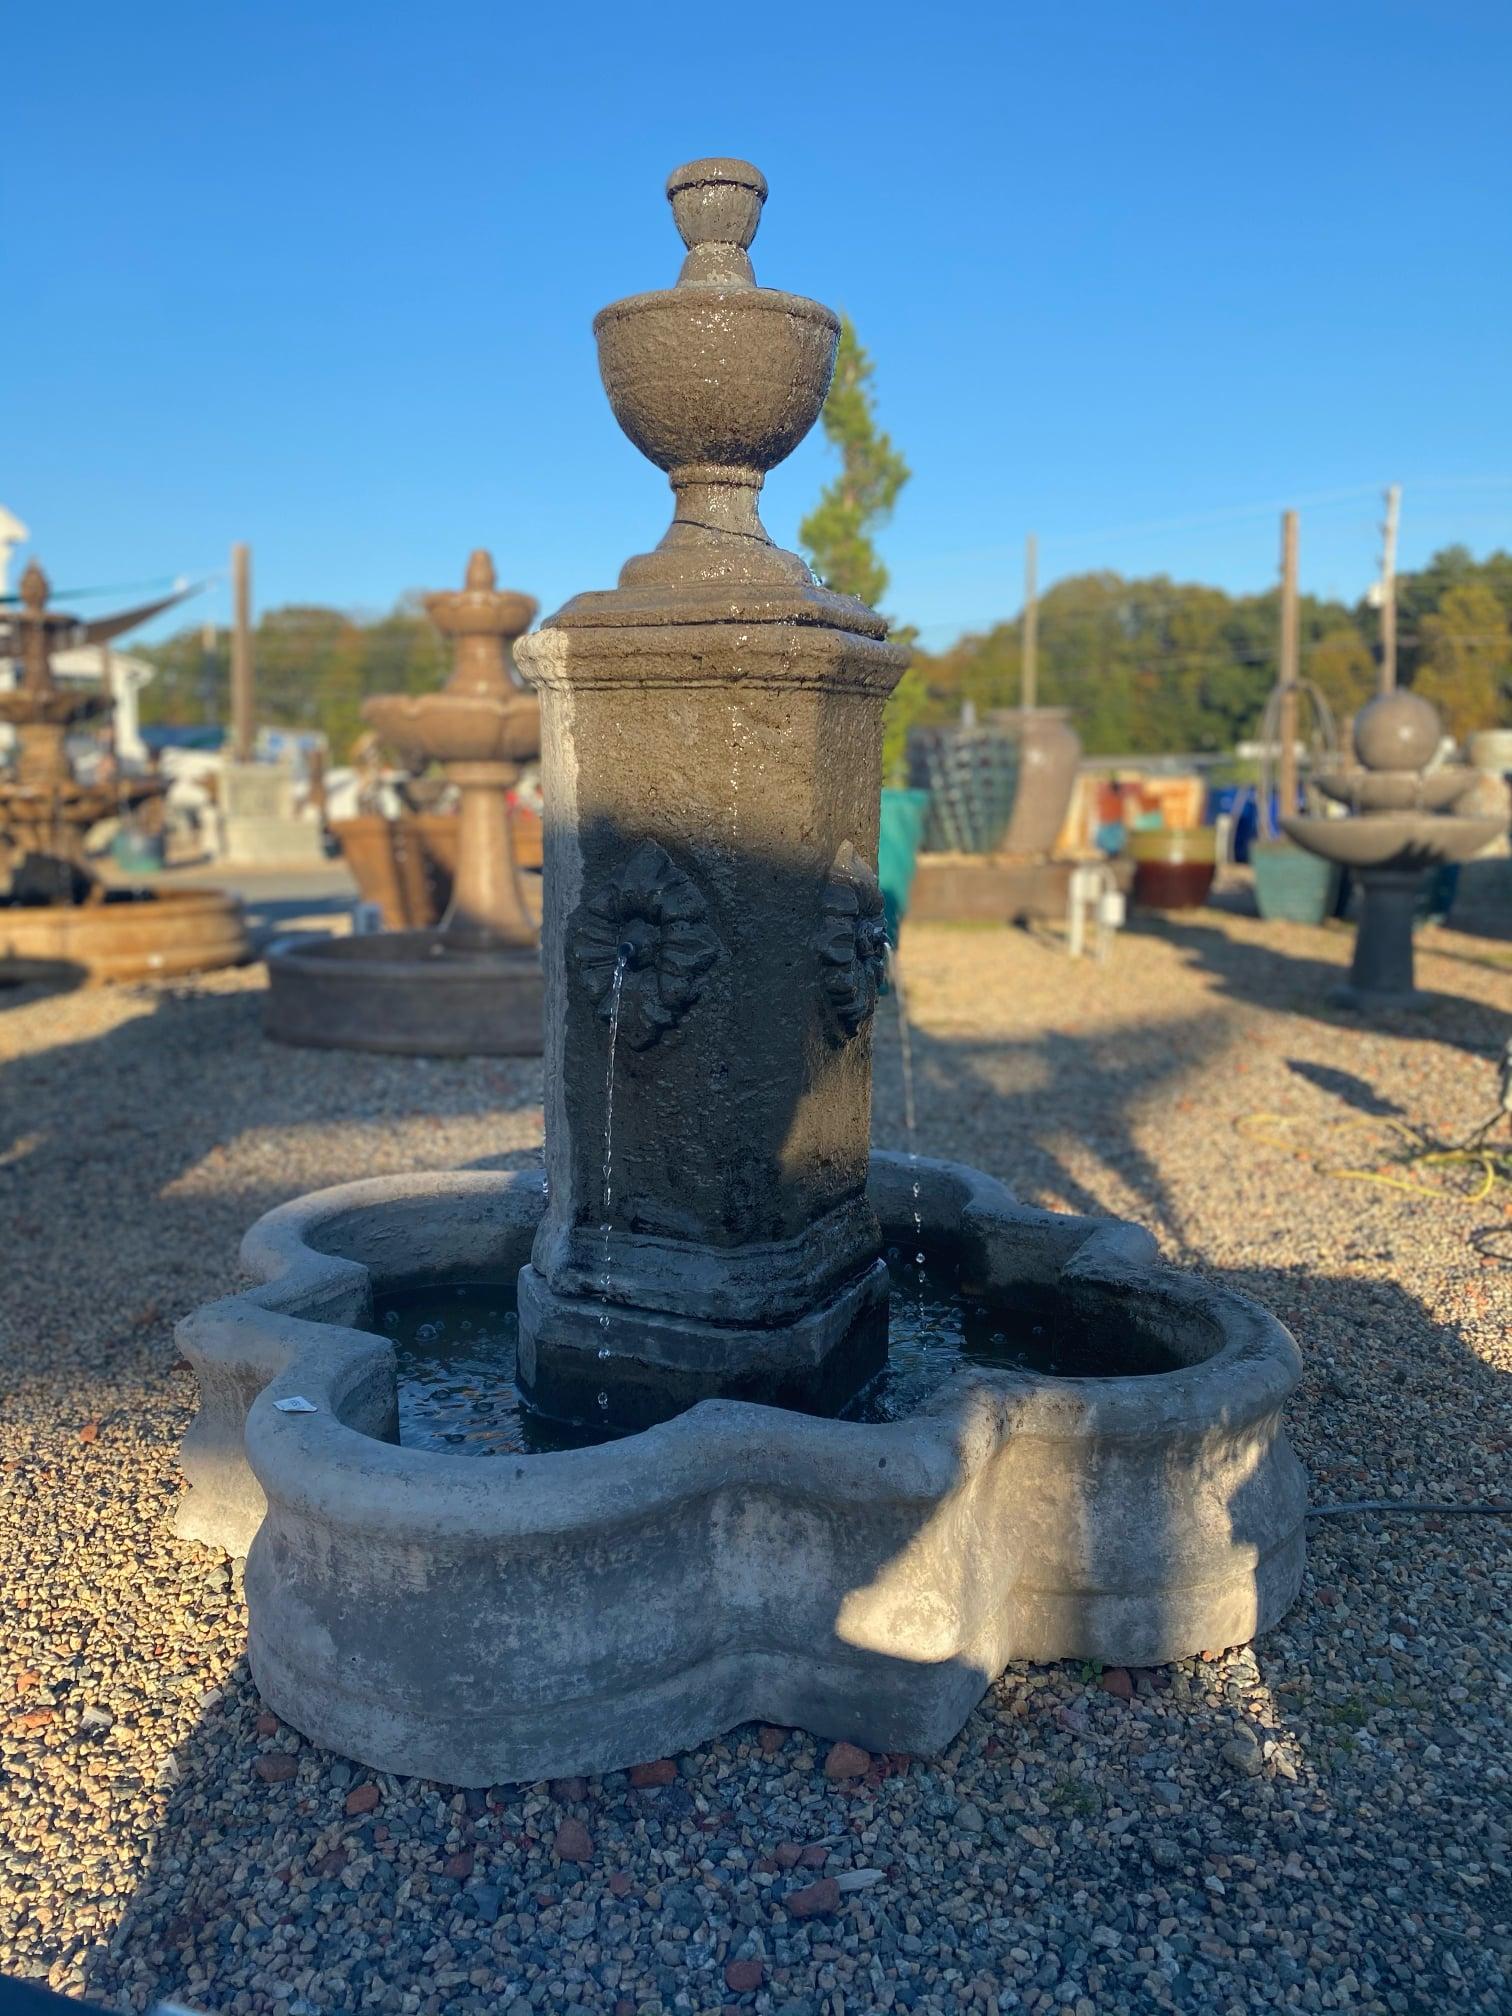 Rossetti Fountain, Original: $1650, SALE: $995.